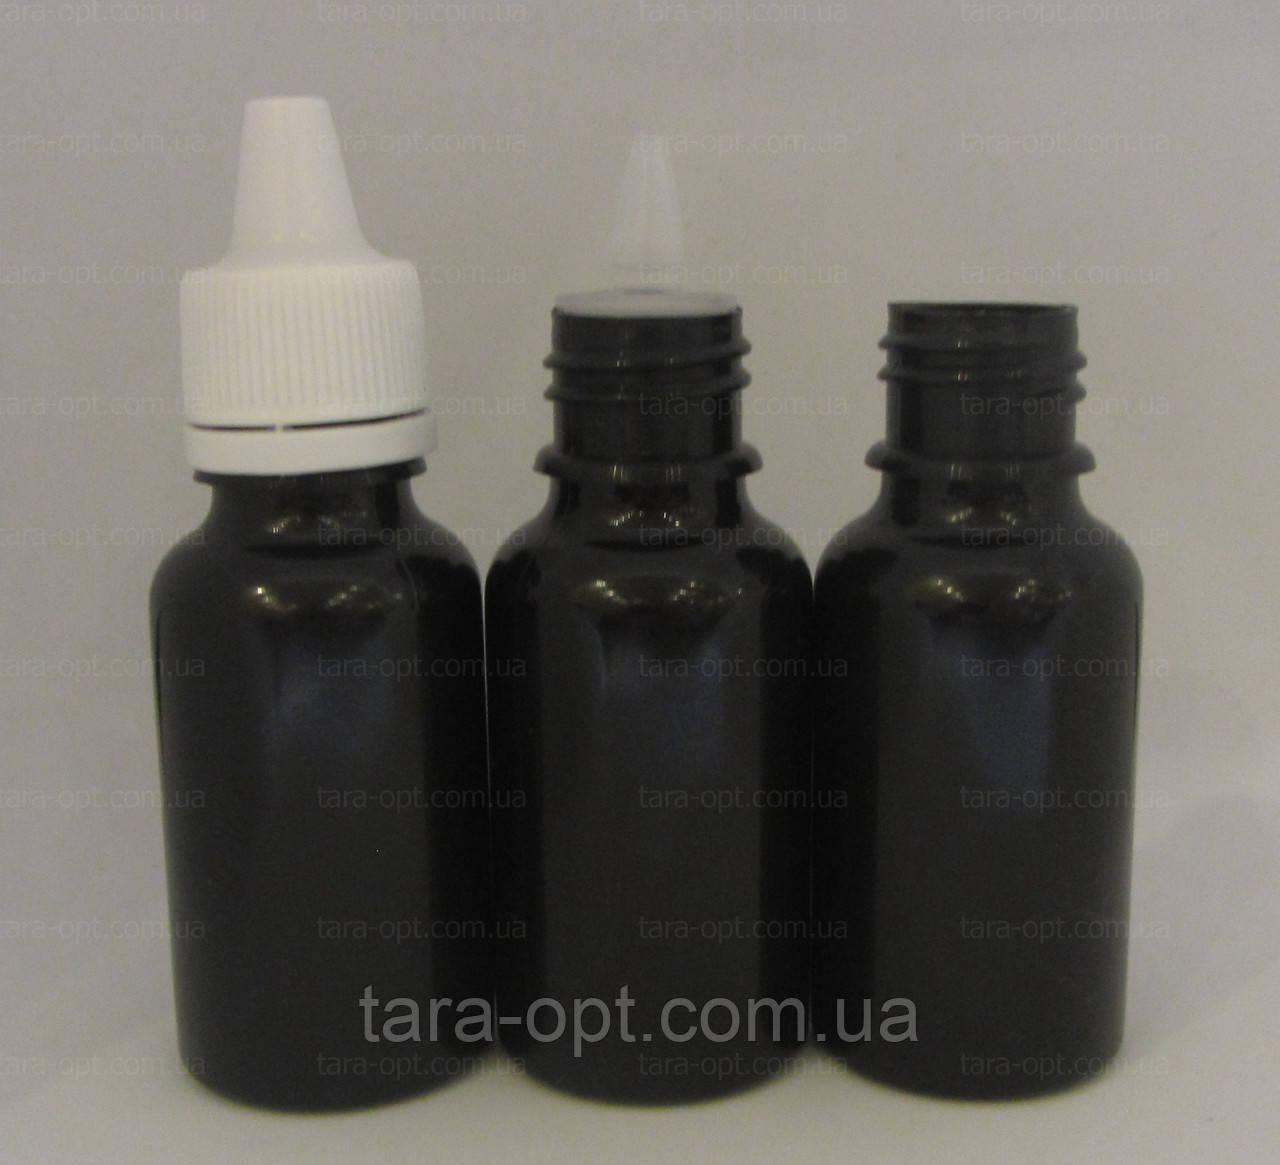 Черный флакон 30 мл-40 мл, (Цена от 3 грн)*